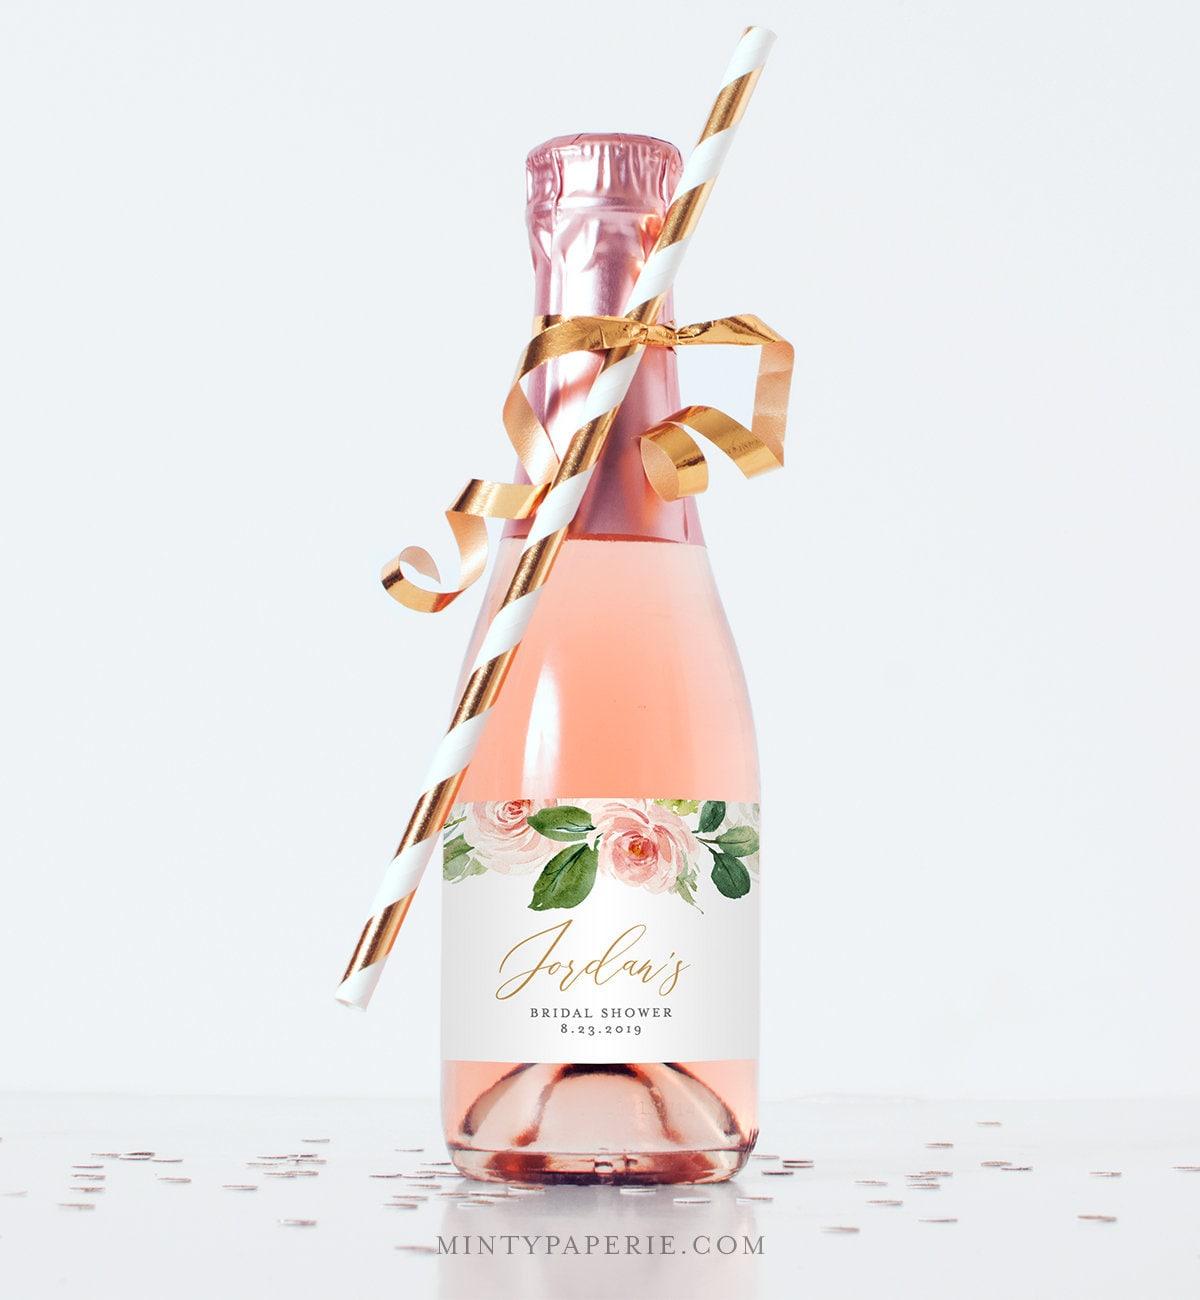 Mini Champagne Bottle Template Wine Label Wedding Bridal Shower - Mini champagne bottle labels template